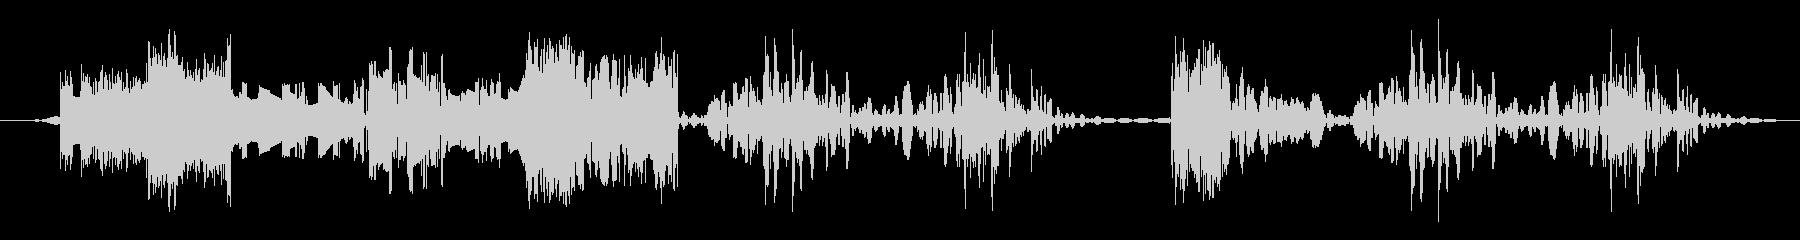 低ノイズカットトランジションの未再生の波形